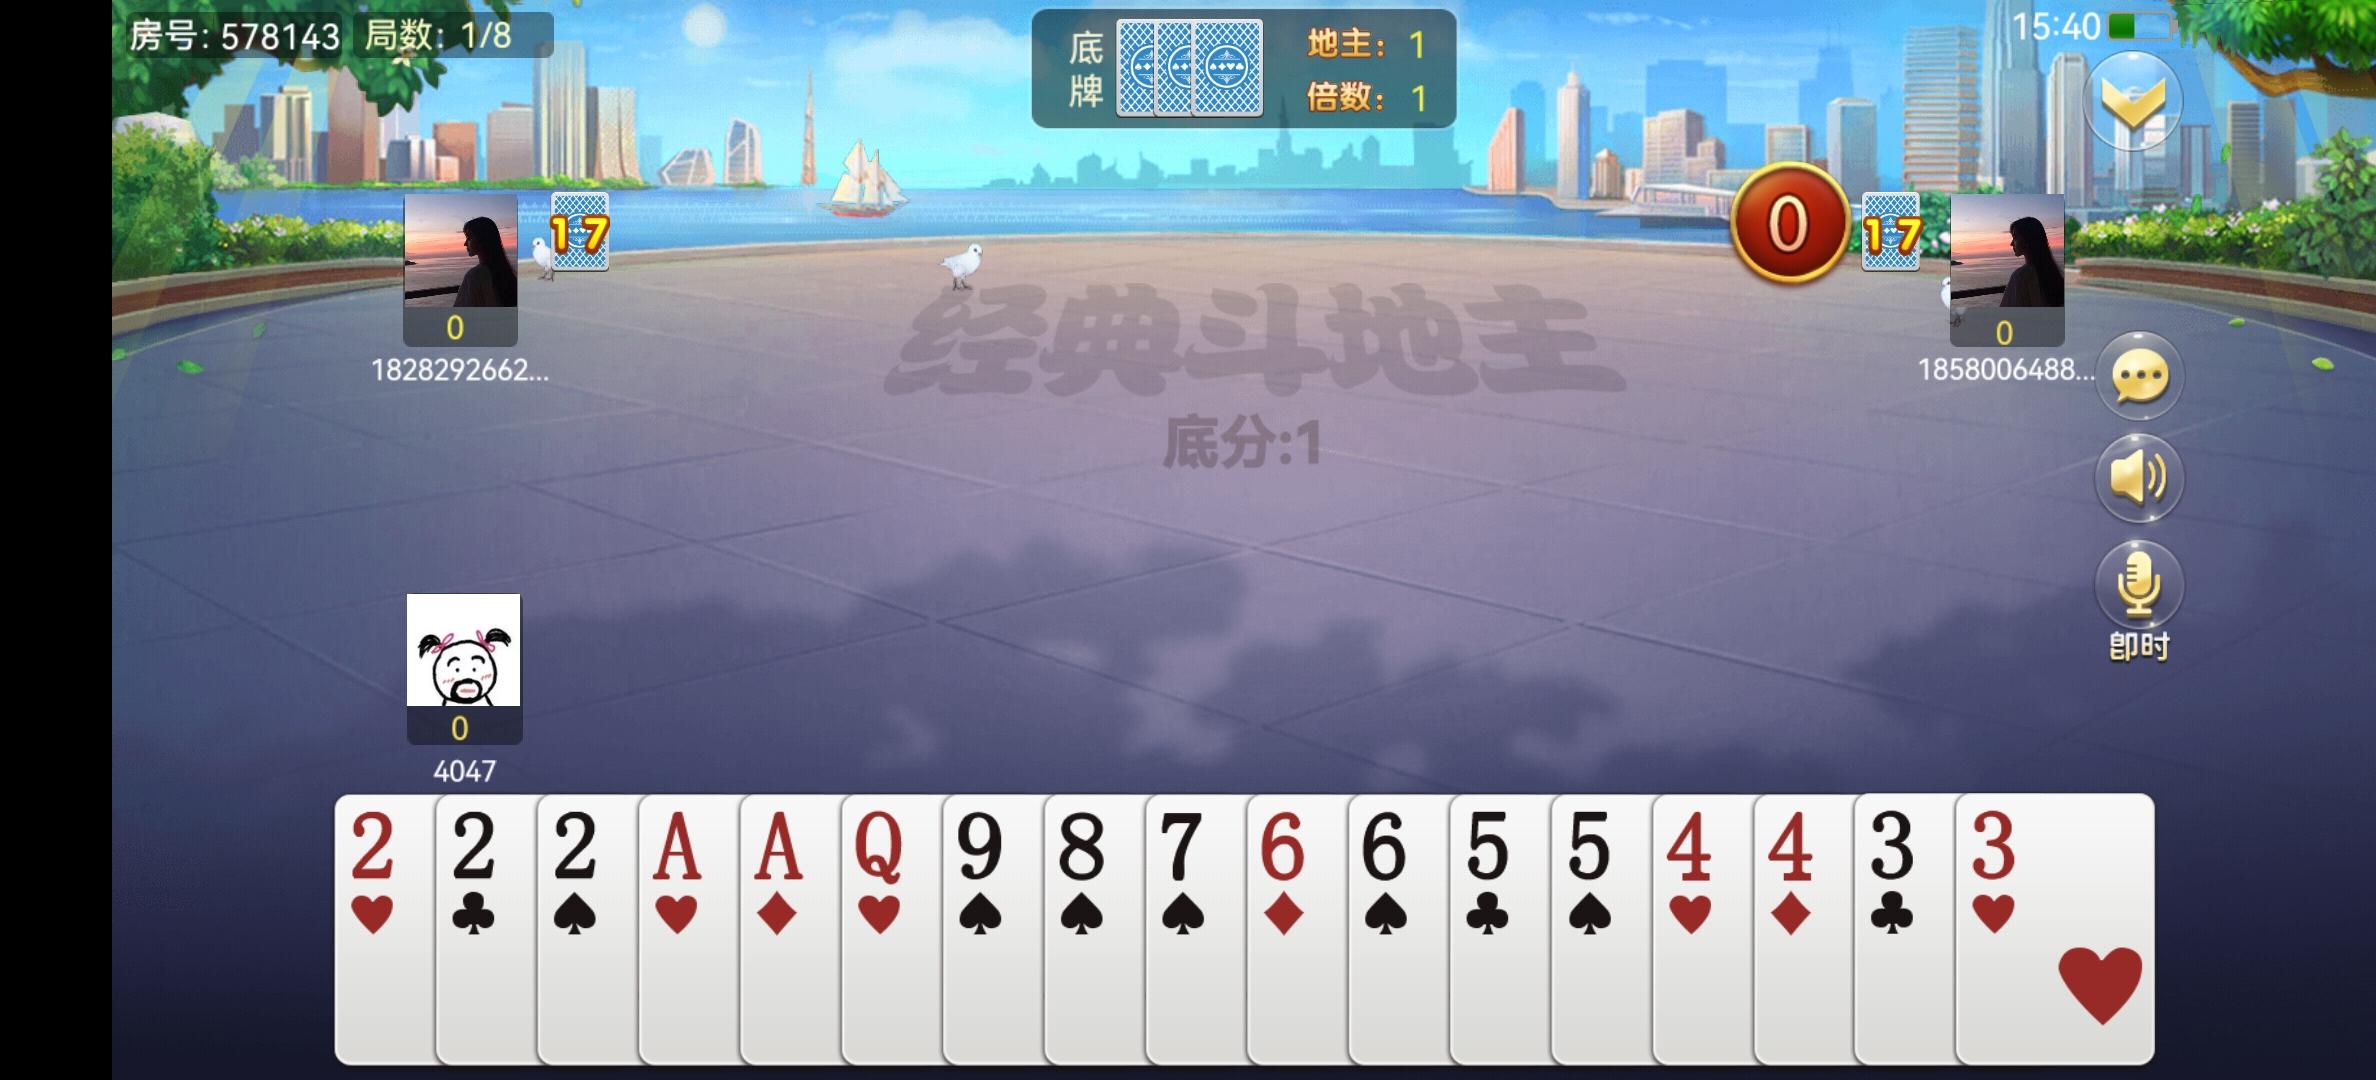 玩法灵活多变,打法简单刺激,这些棋牌游戏你都知道多少?